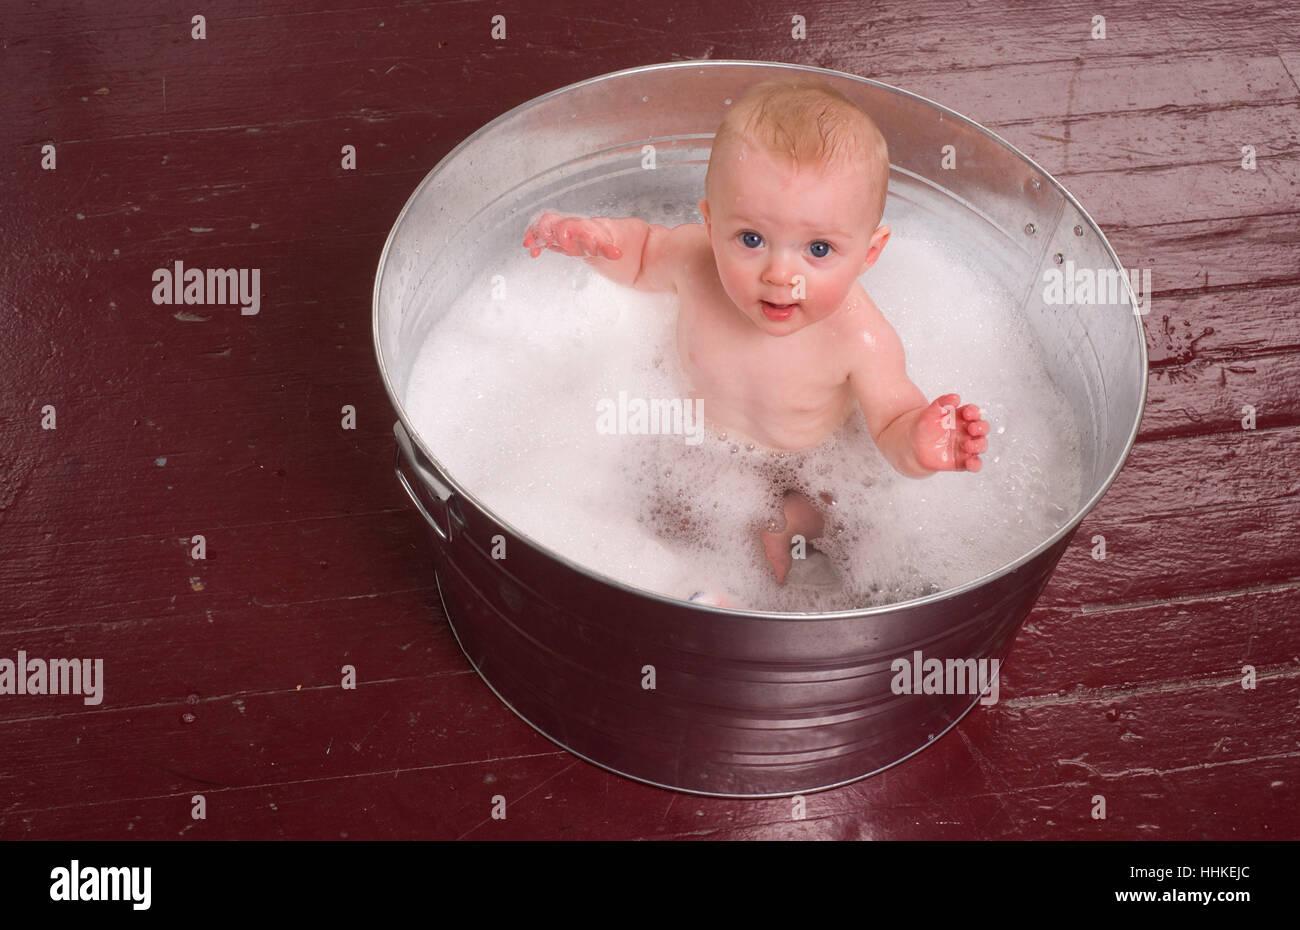 Baby Bucket Bathing Stock Photos & Baby Bucket Bathing Stock Images ...